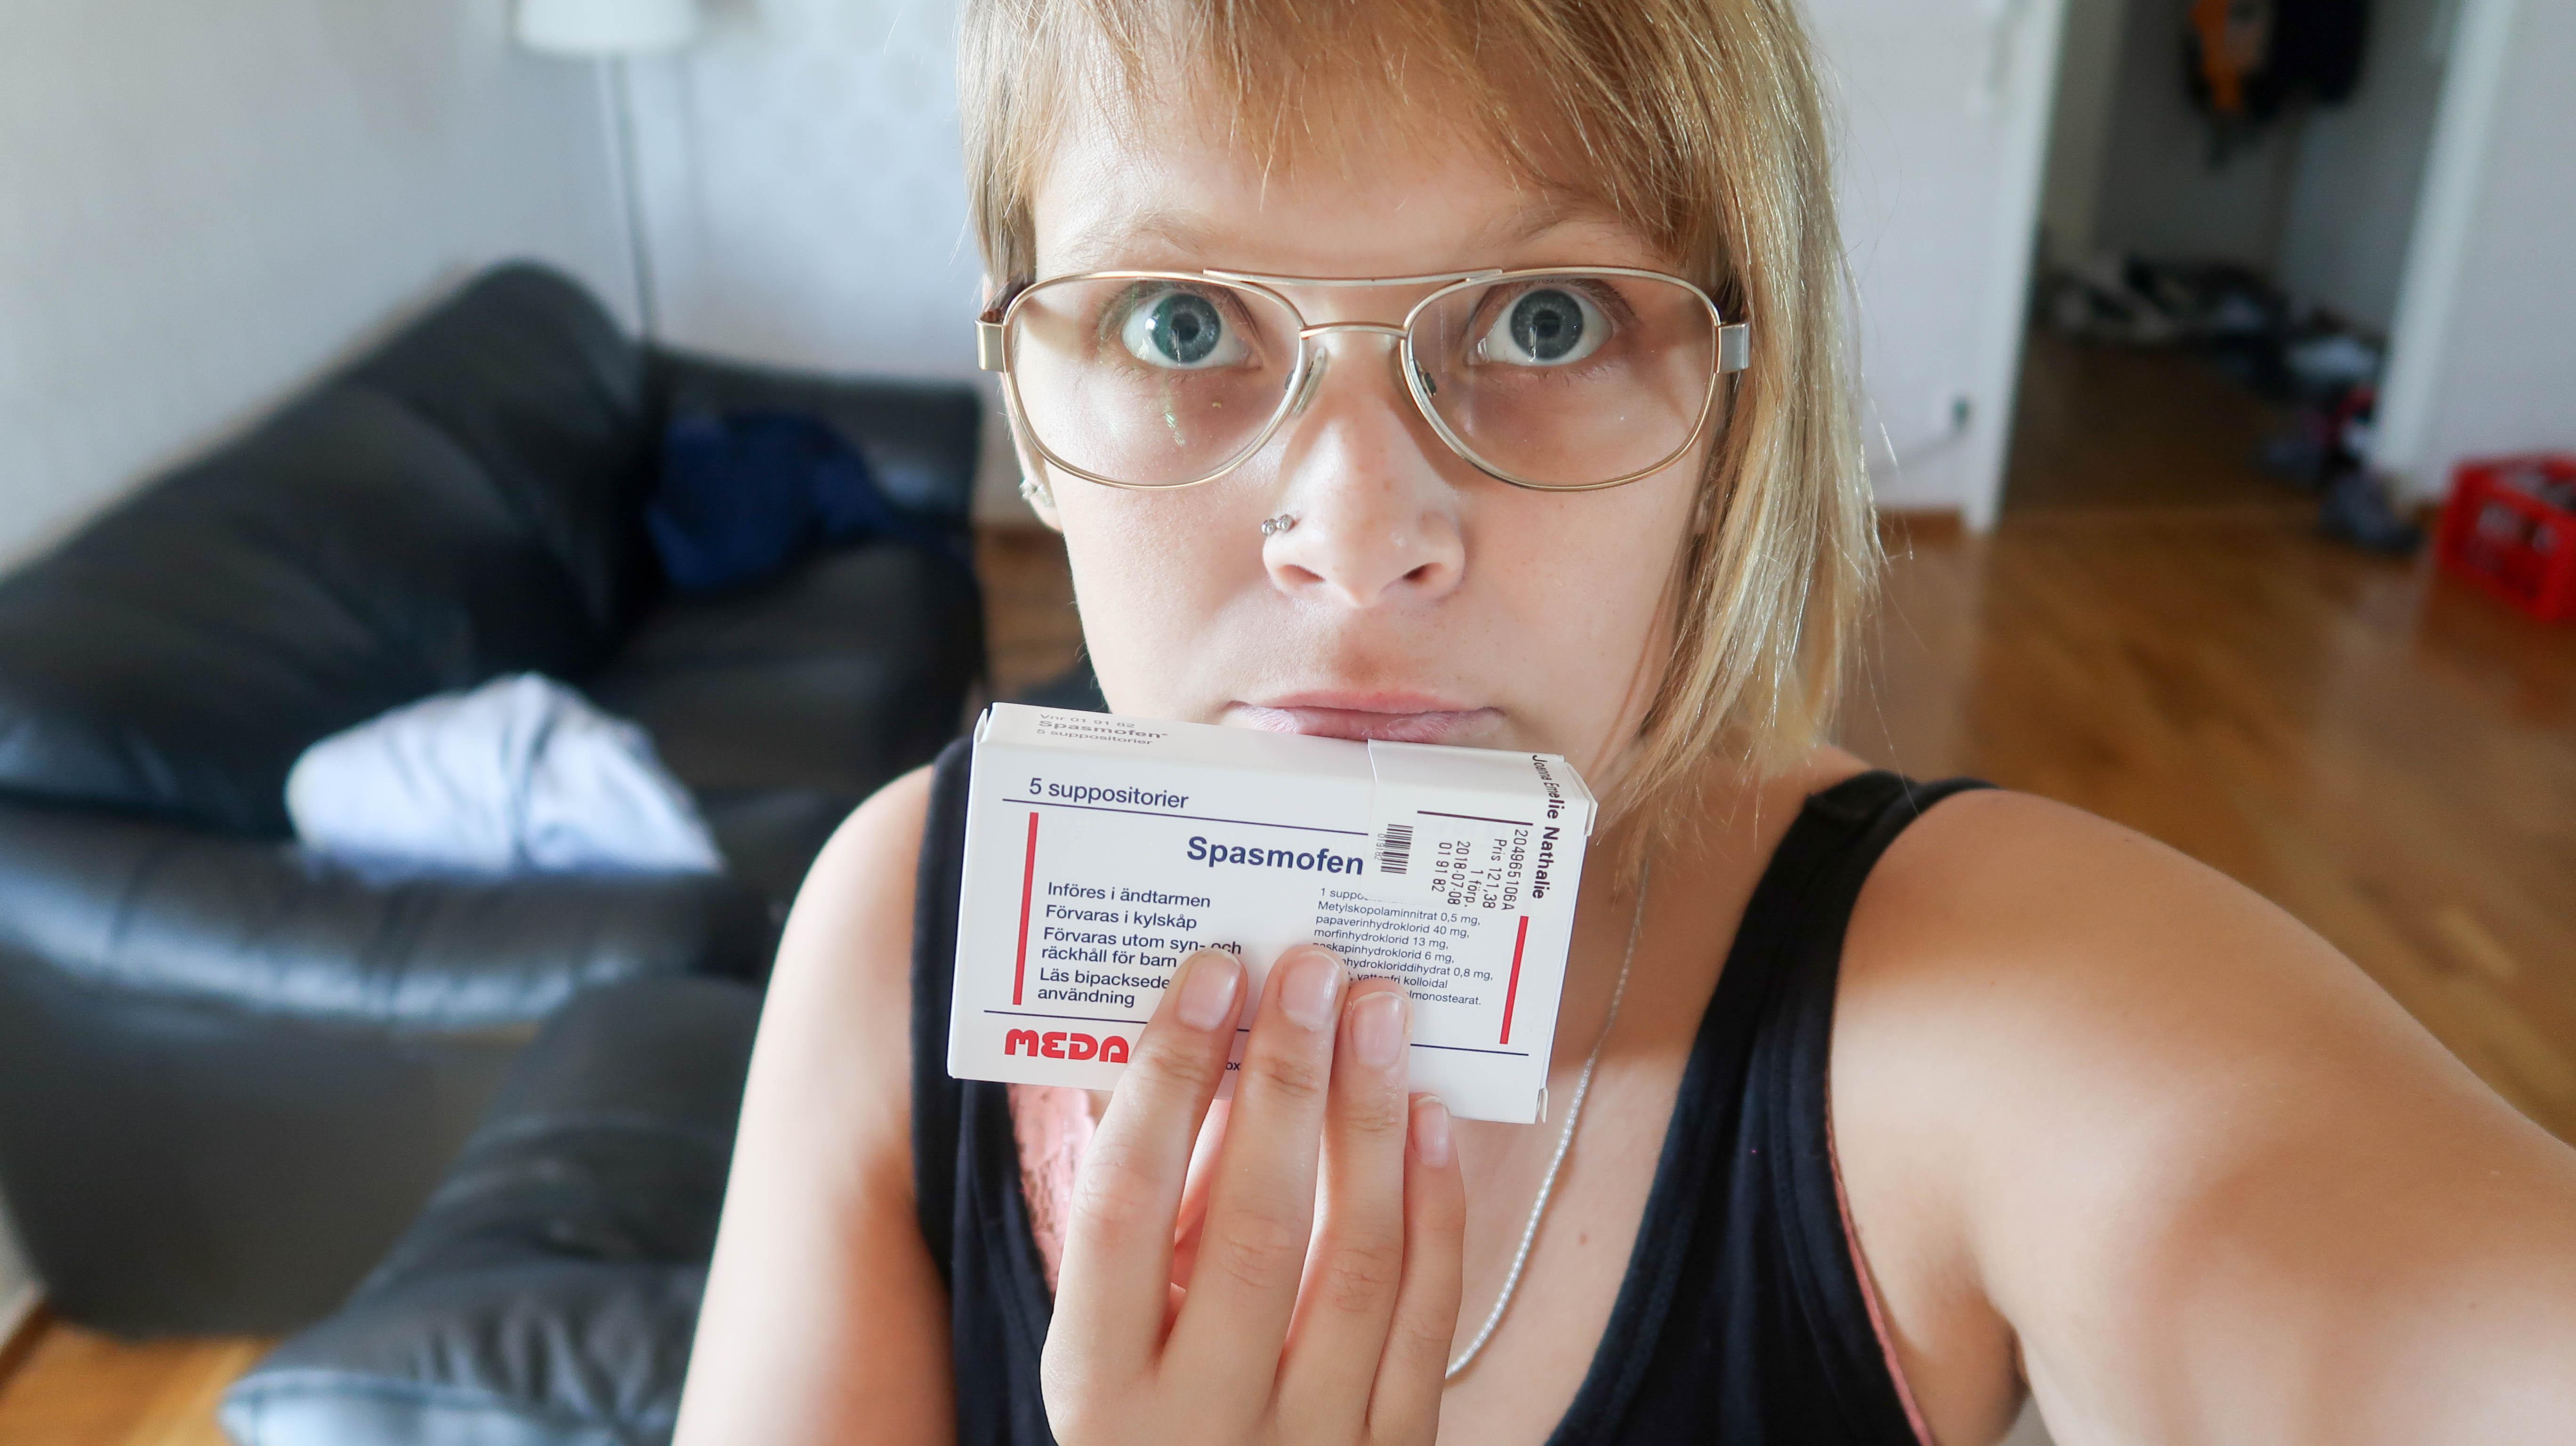 1,5 månader utan morfin